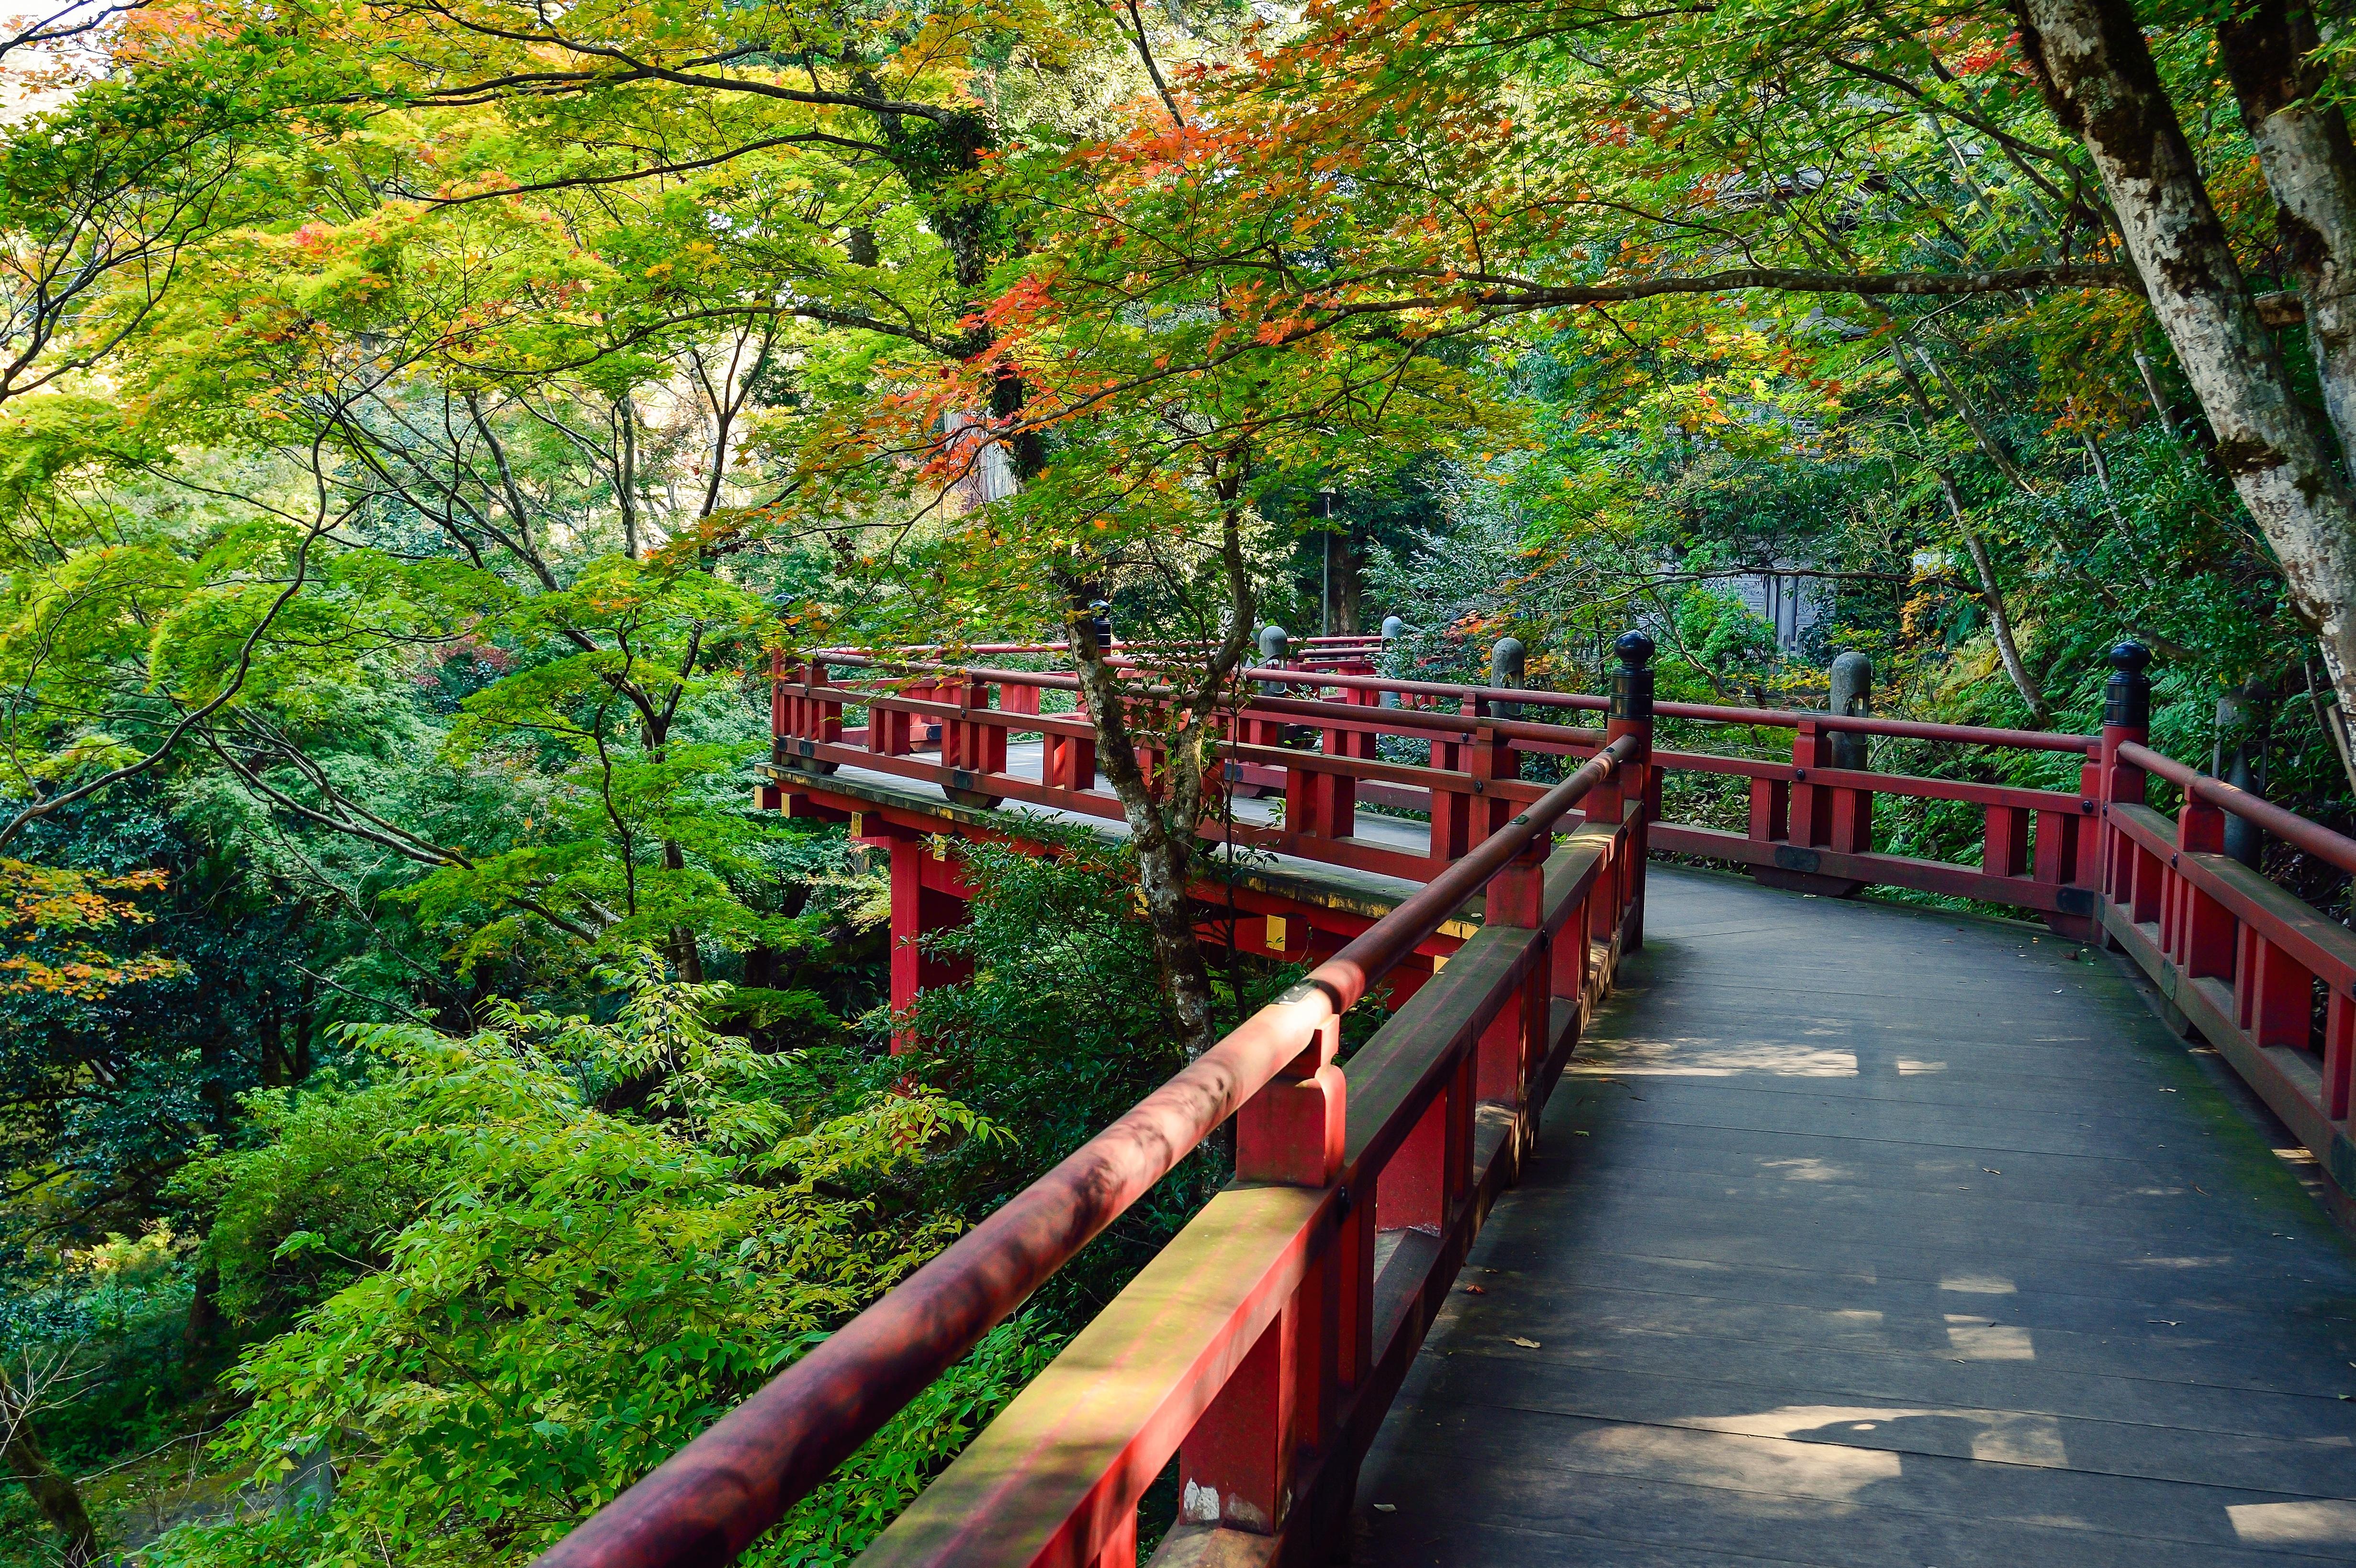 Gambar Pemandangan Pohon Menanam Kayu Jembatan Daun Bunga